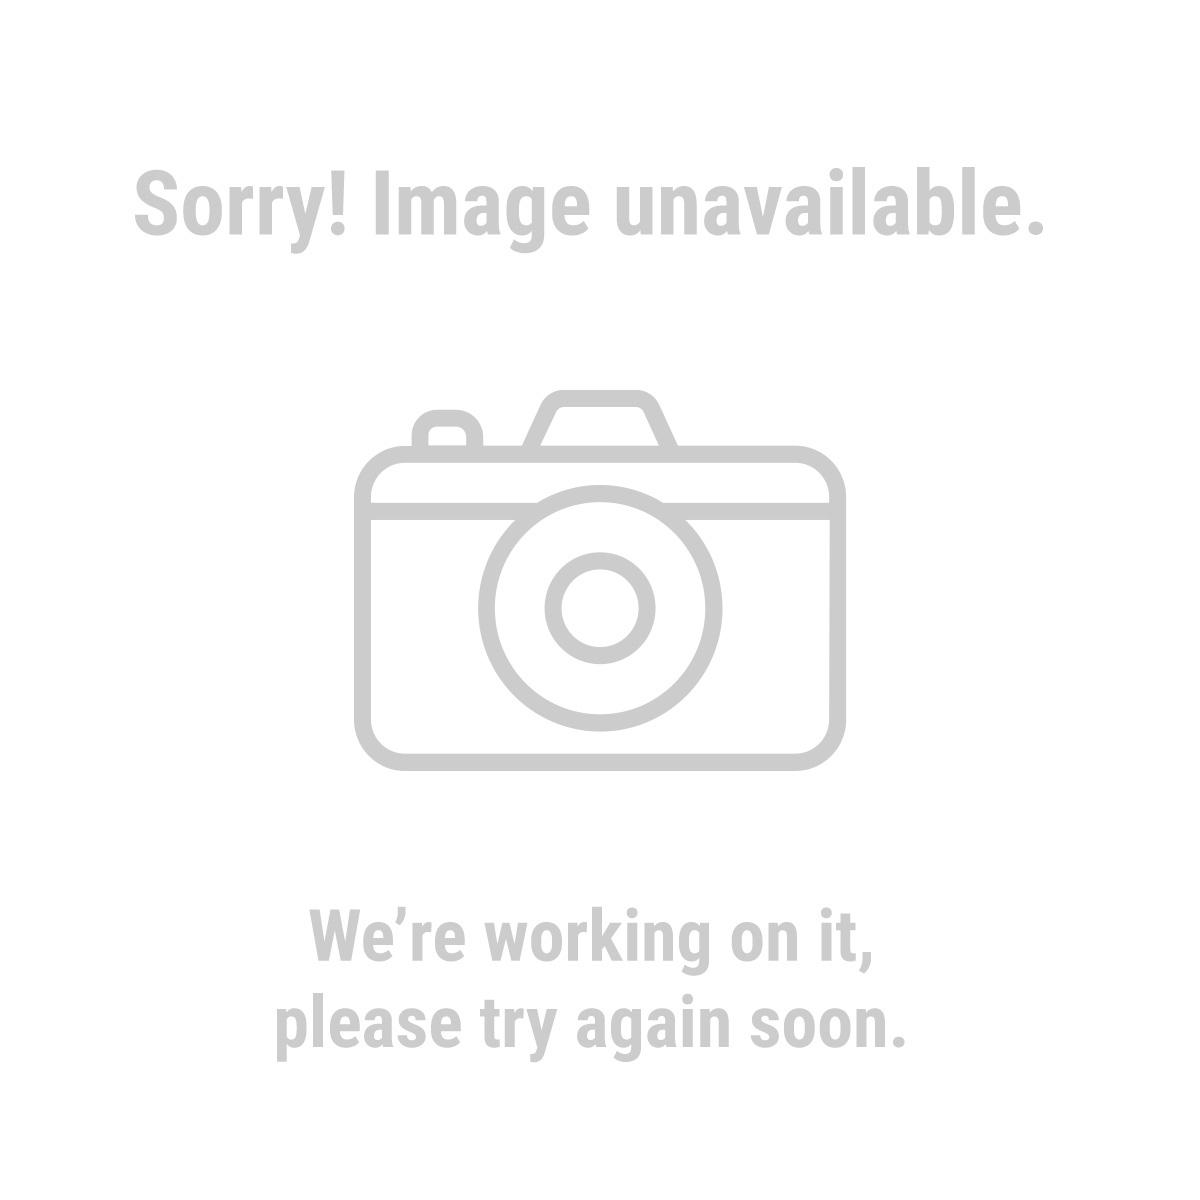 Predator® 63405 2 in. Intake/Discharge 212cc Gasoline Engine Water Pump - 158 GPM